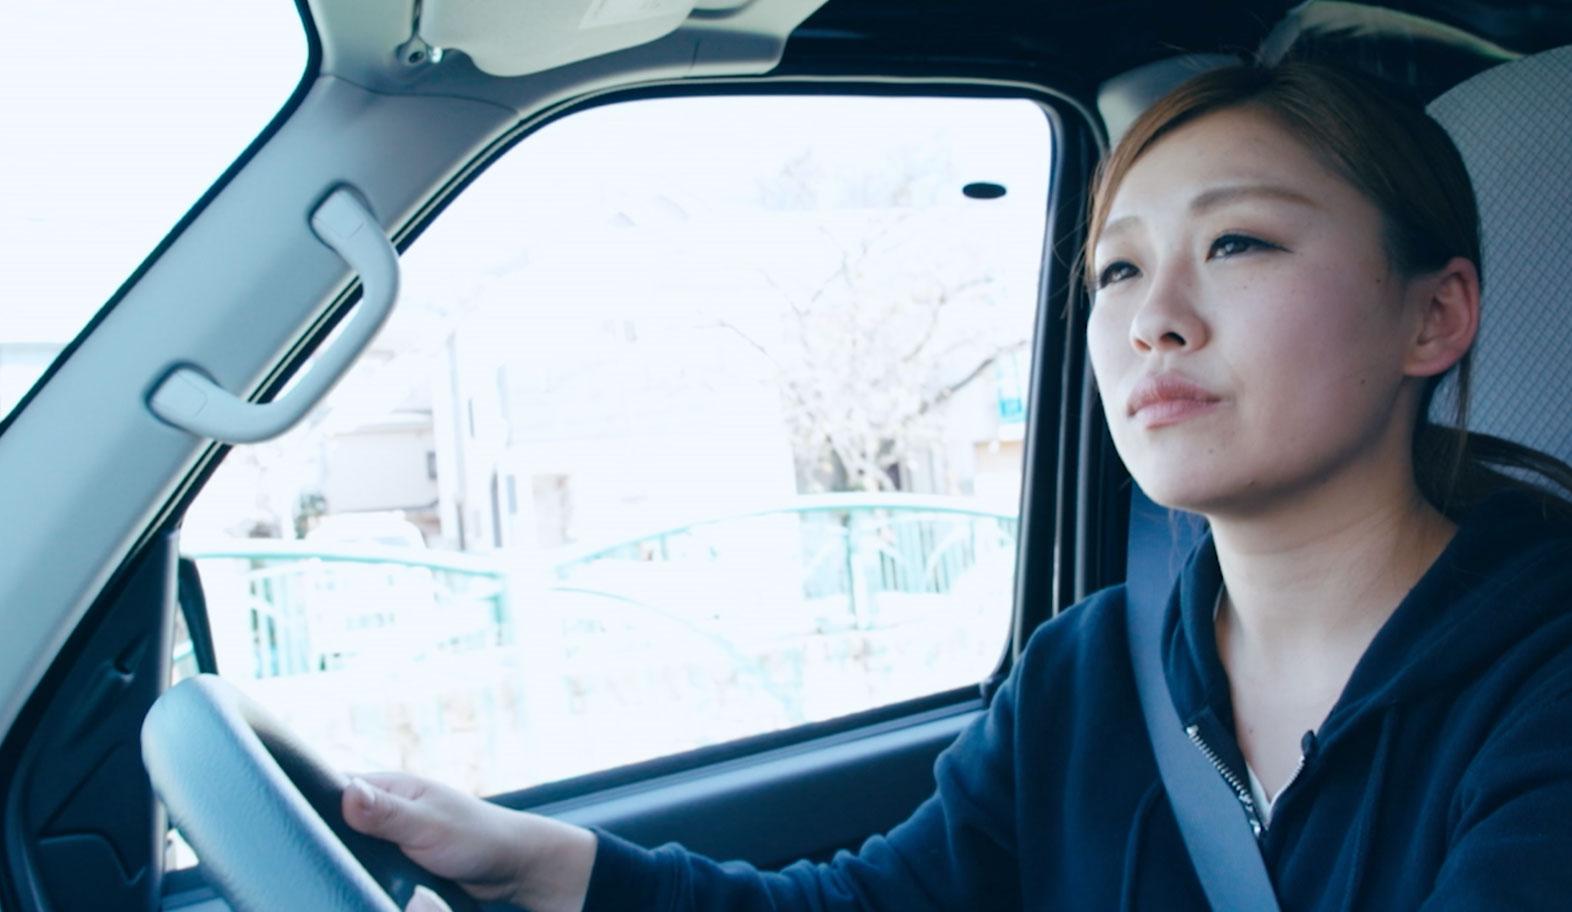 佐々木美由紀,宅配,かわいい,軽貨物,新型ハイゼットカーゴ,ダイハツ